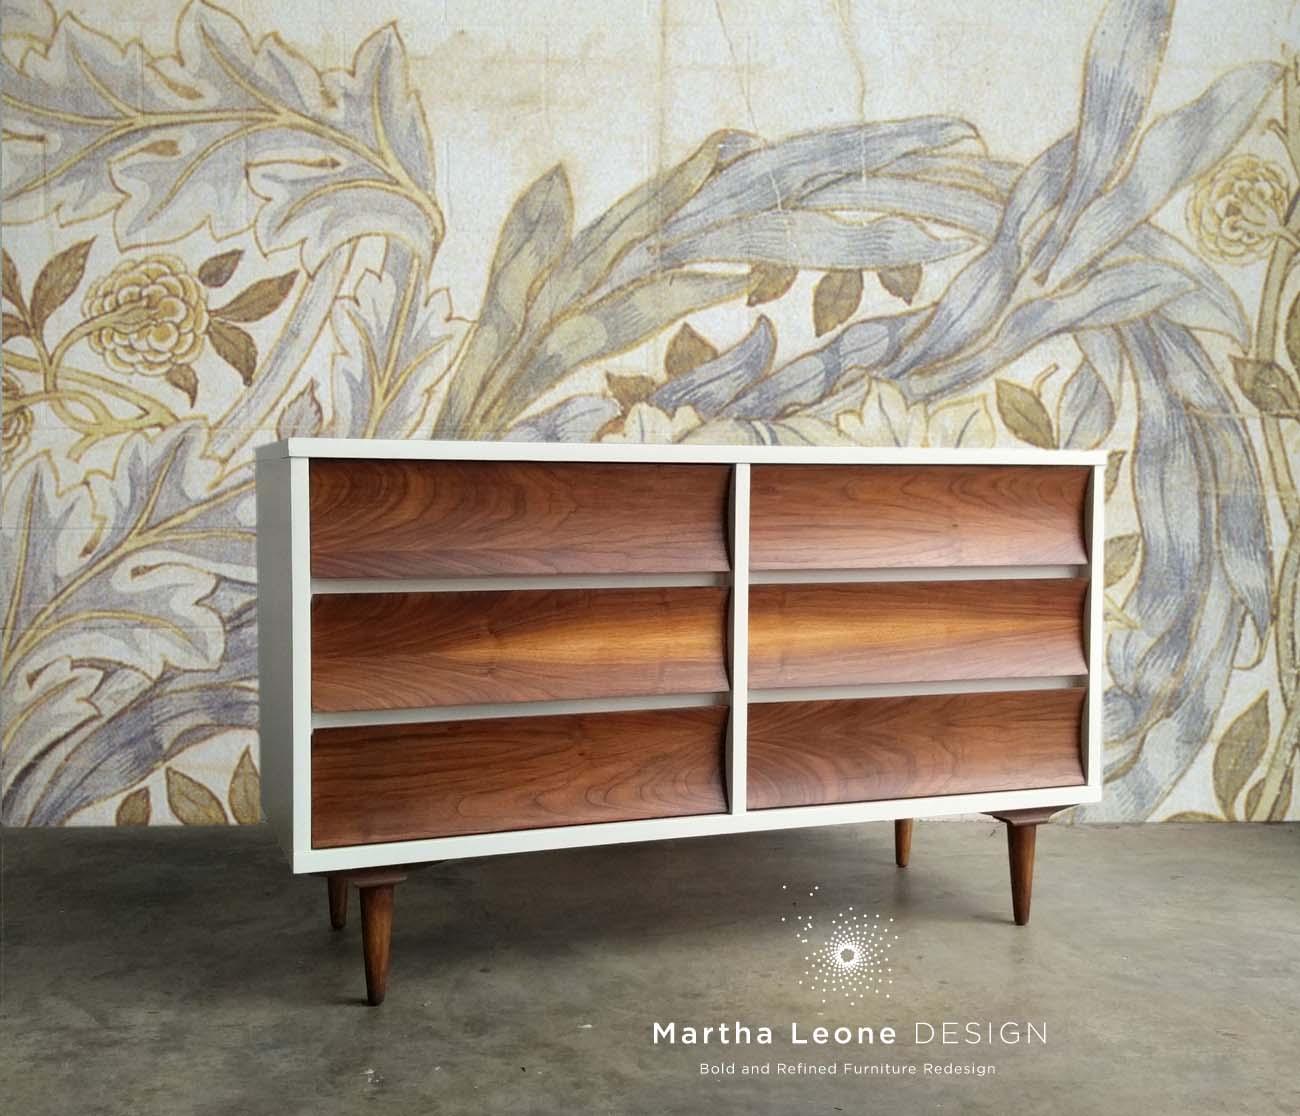 Johnson Carper2 Martha Leone Design.jpg